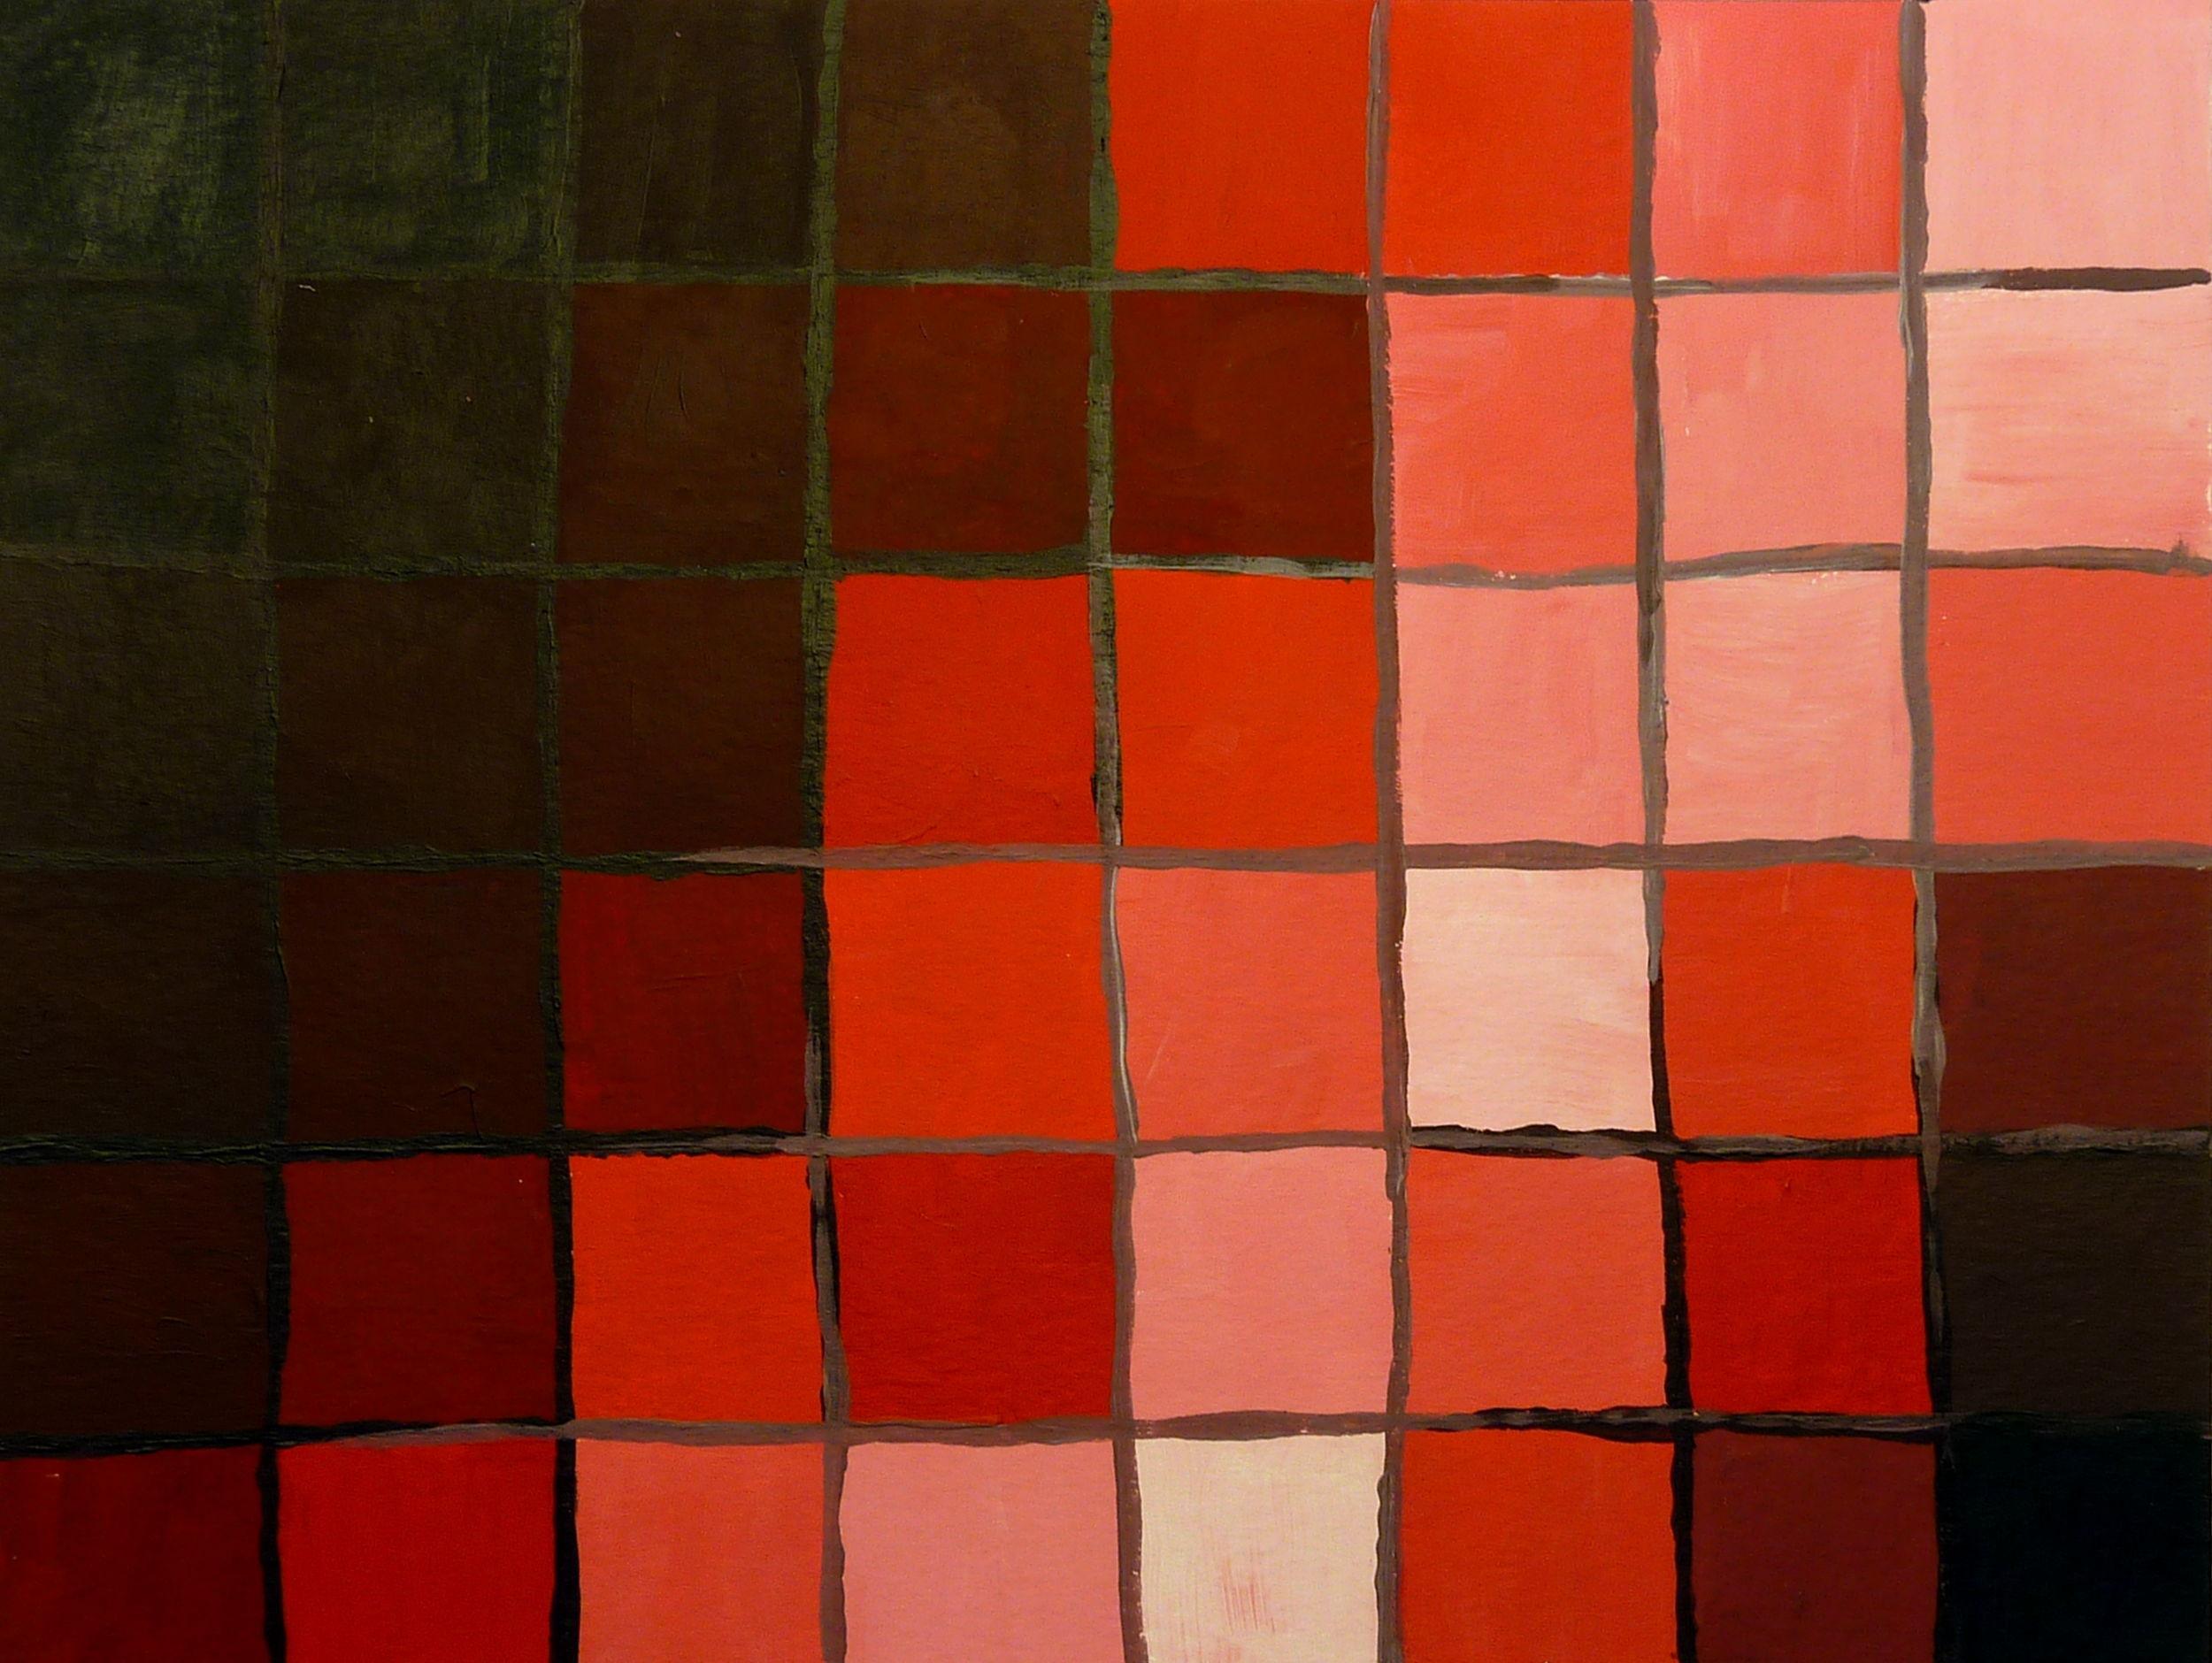 Qualitätskontrast: Rot abgetönt mit Weiß und verdunkelt mit Schwarz